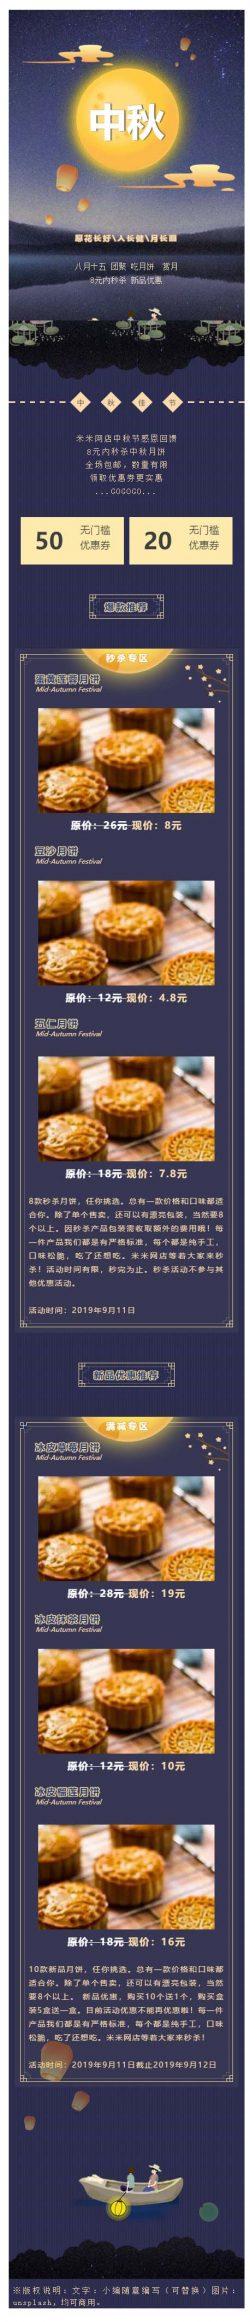 2020中秋节中秋月饼电商微商模板微信公众号推文模板-小苏-每日微信精选